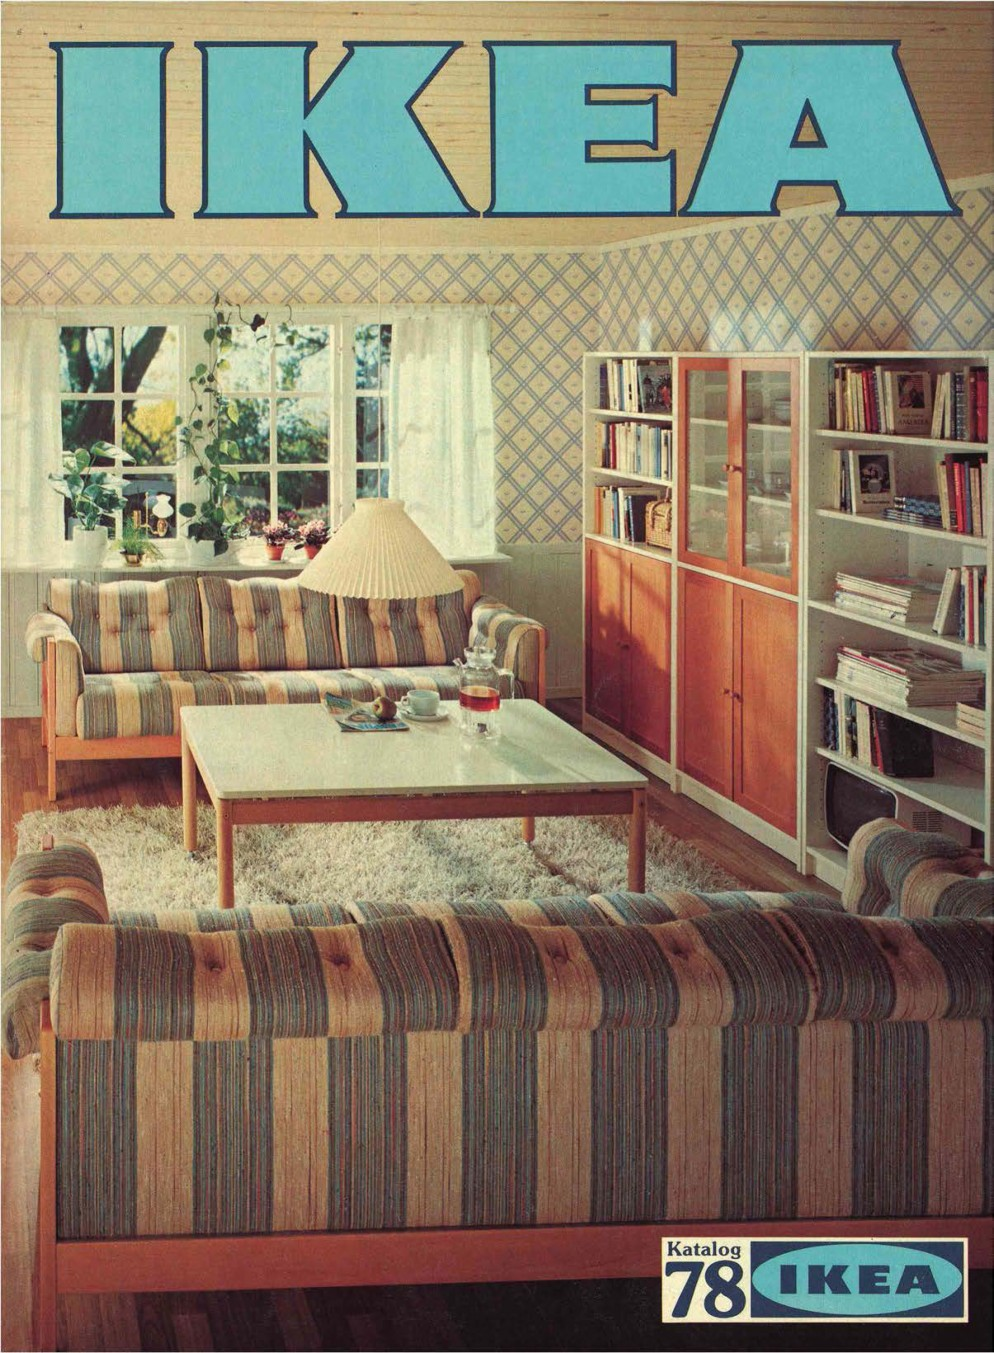 12 IKEA cover 1988